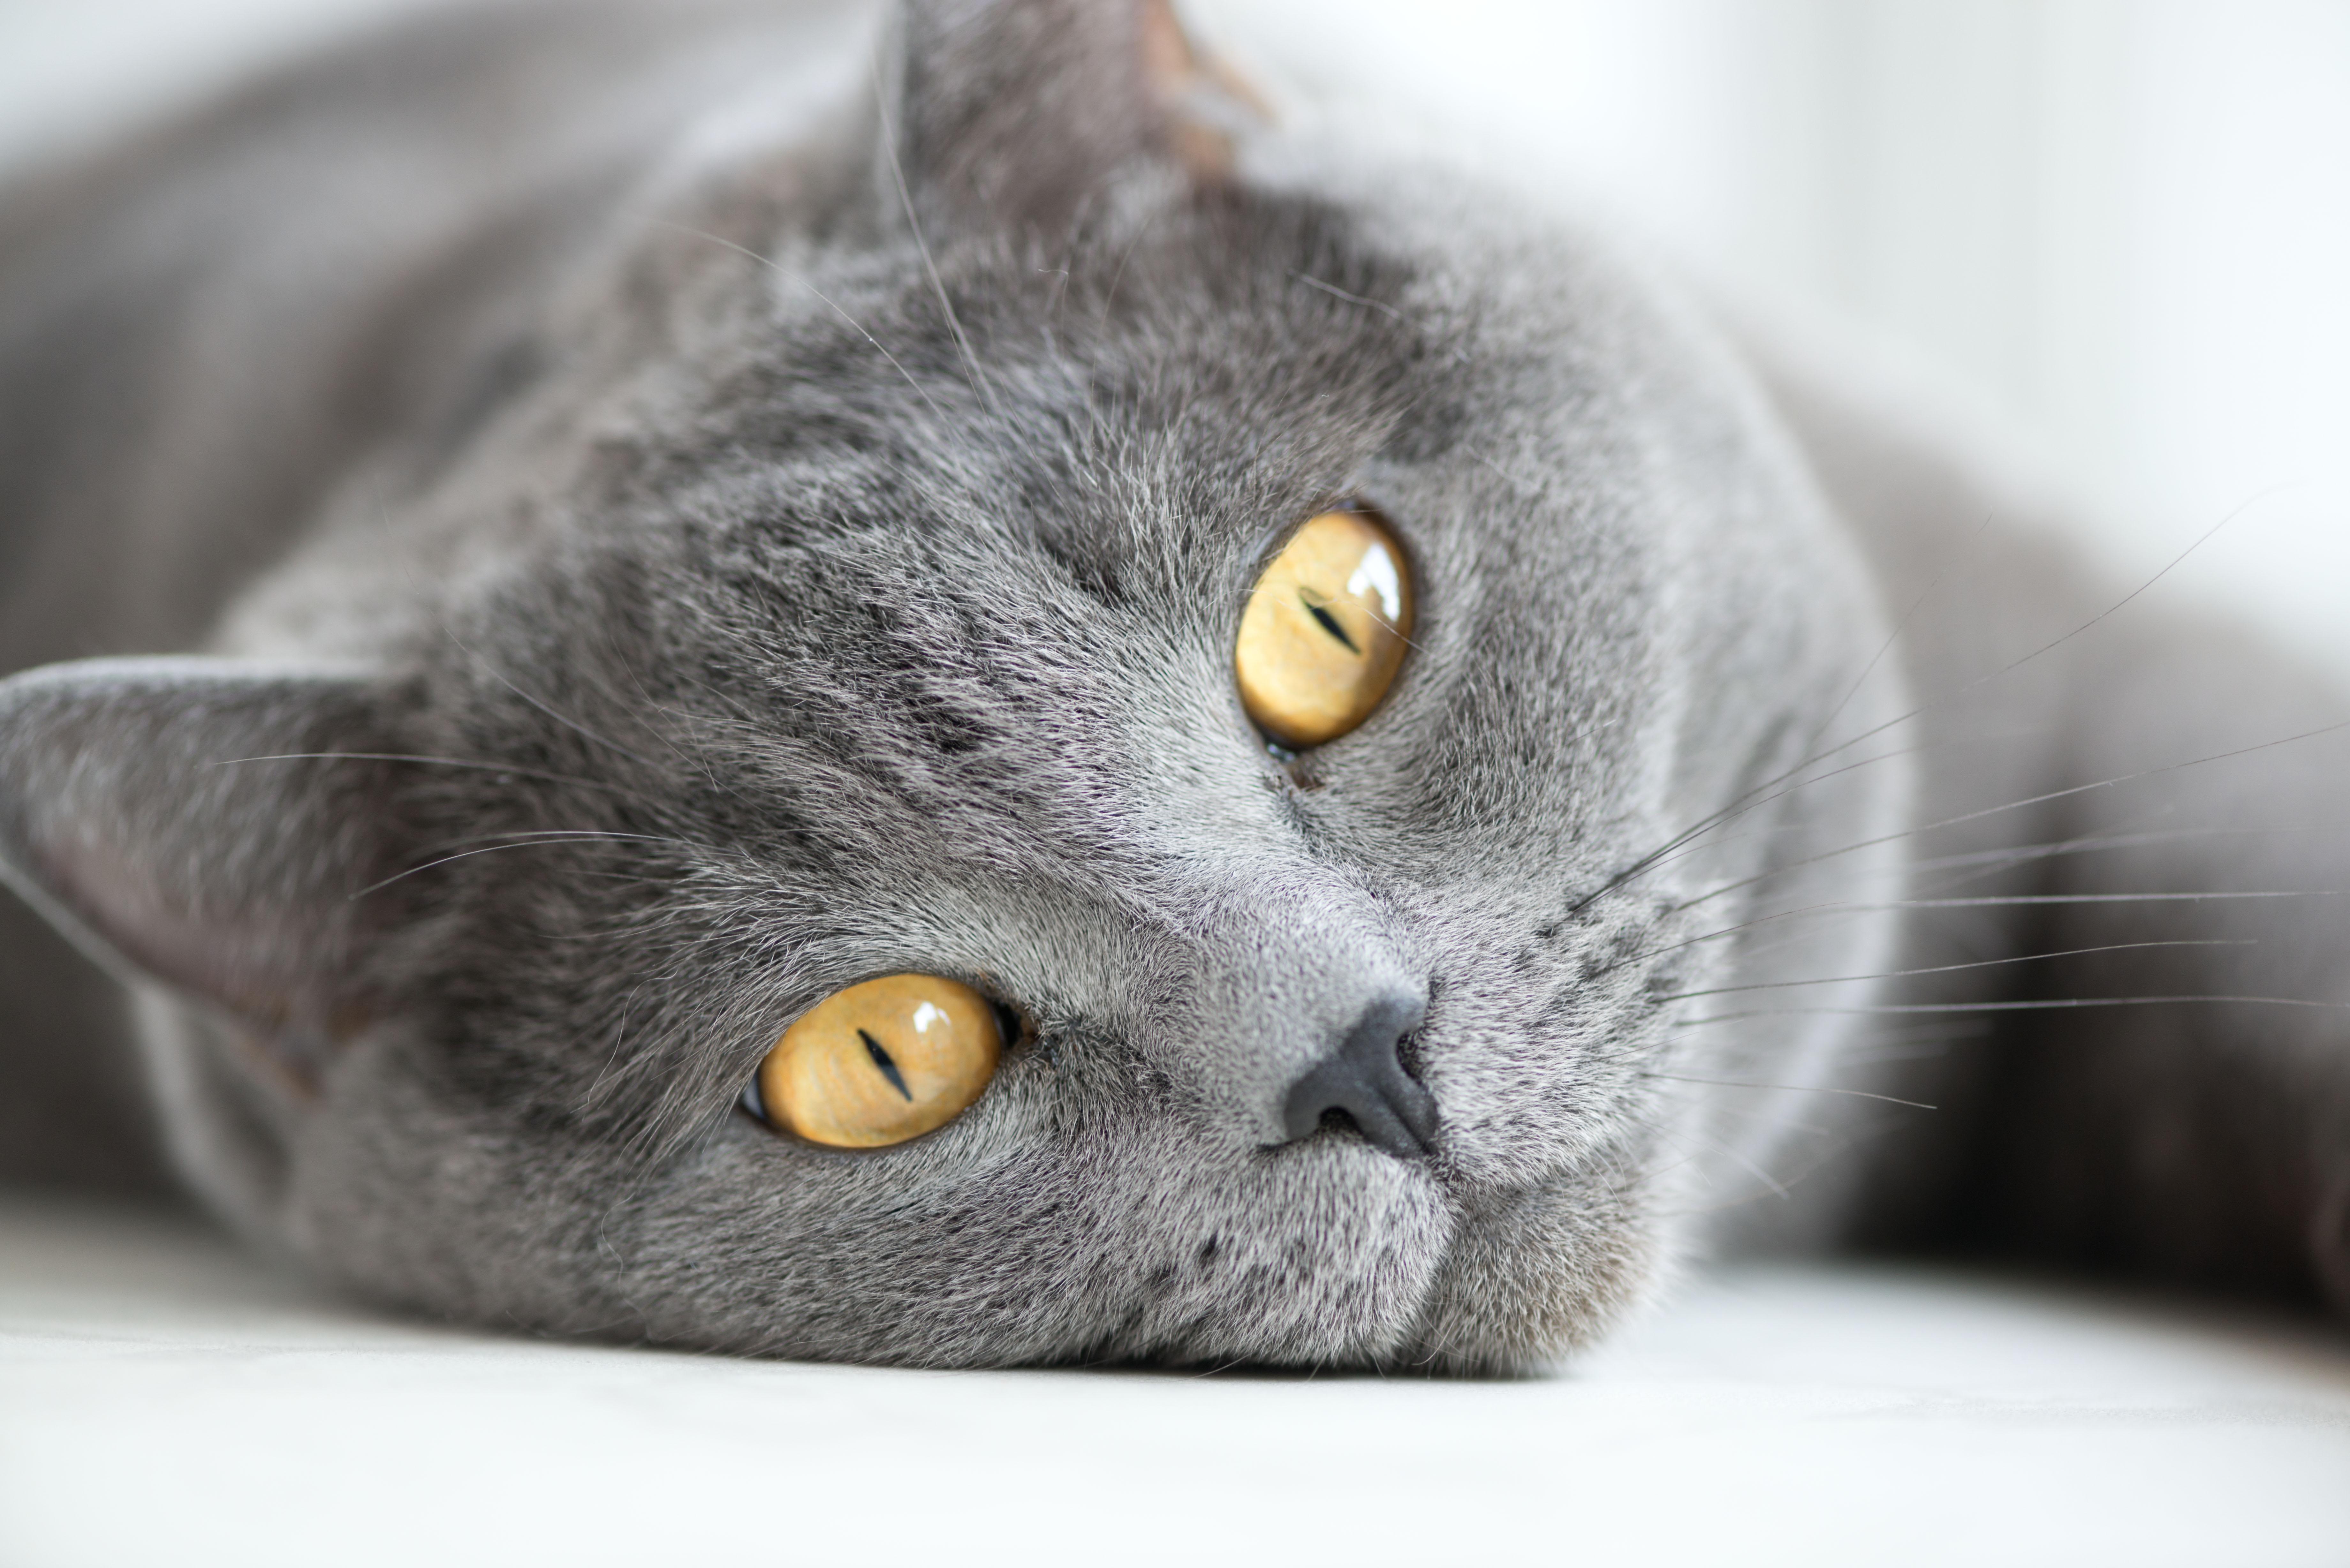 ブリティッシュショートヘアの目の色「ゴールド」